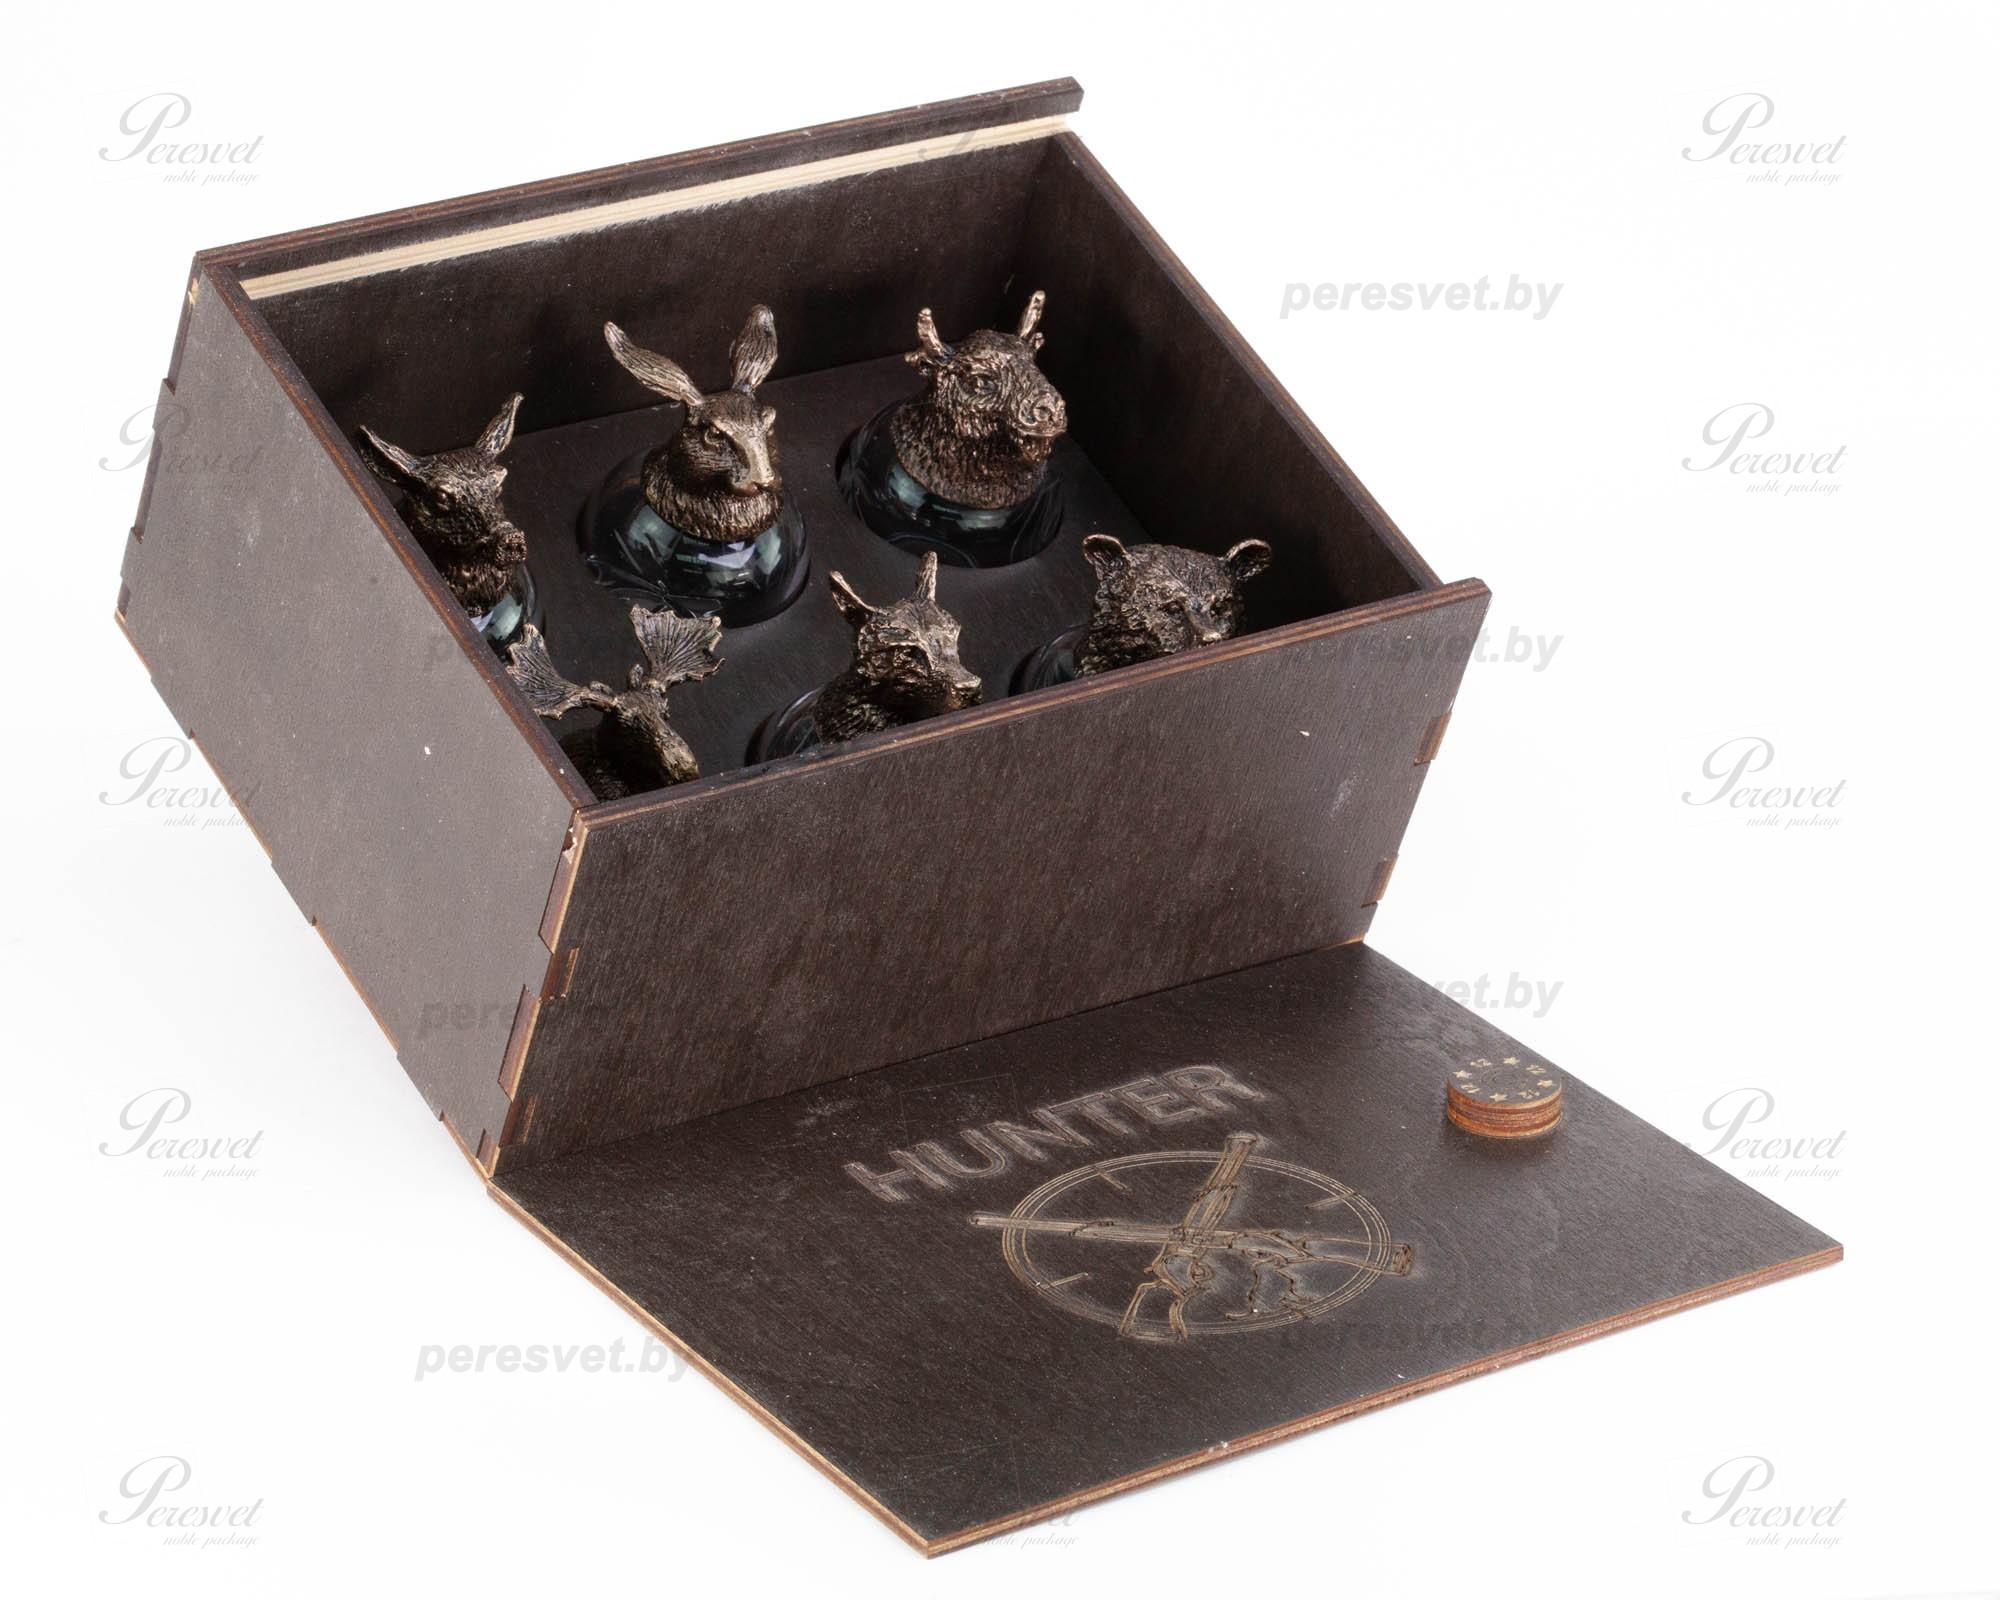 Подарочный набор рюмок перевертышей Охота в деревянном пенале №1 на peresvet.by